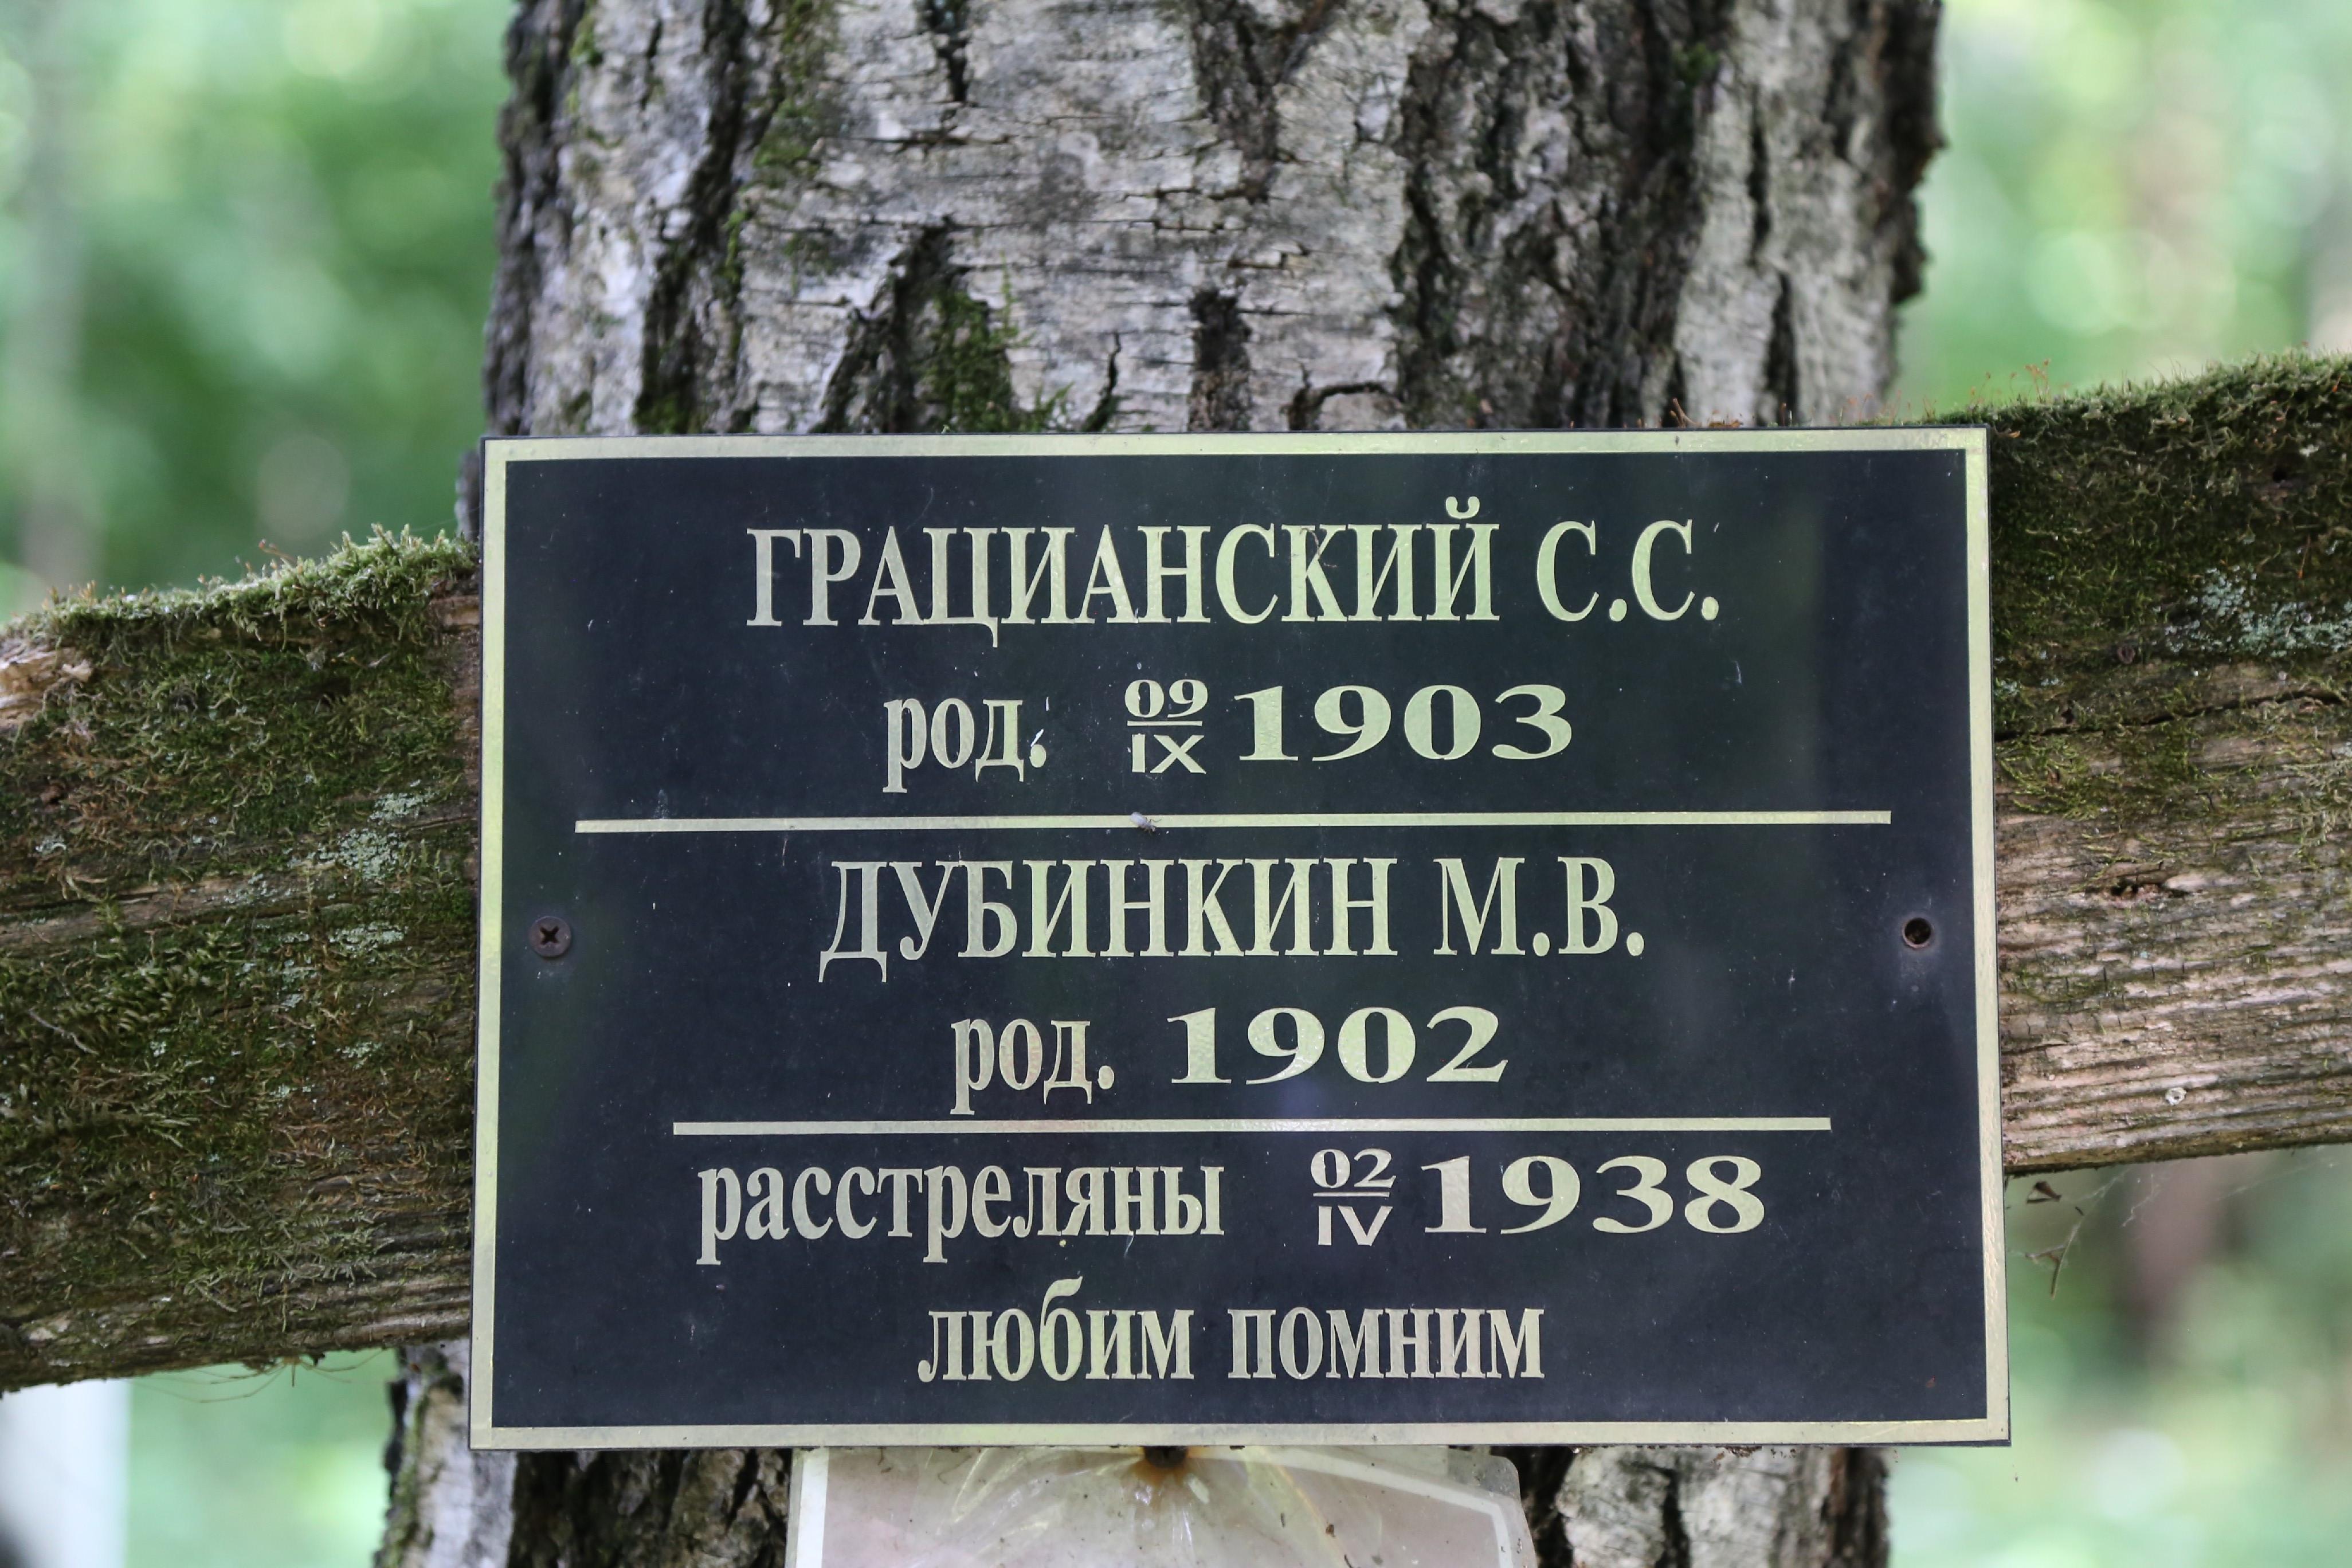 Памятный крест С.С. Грацианскому и М.В. Дубинкину. Фото 22.06.2018.